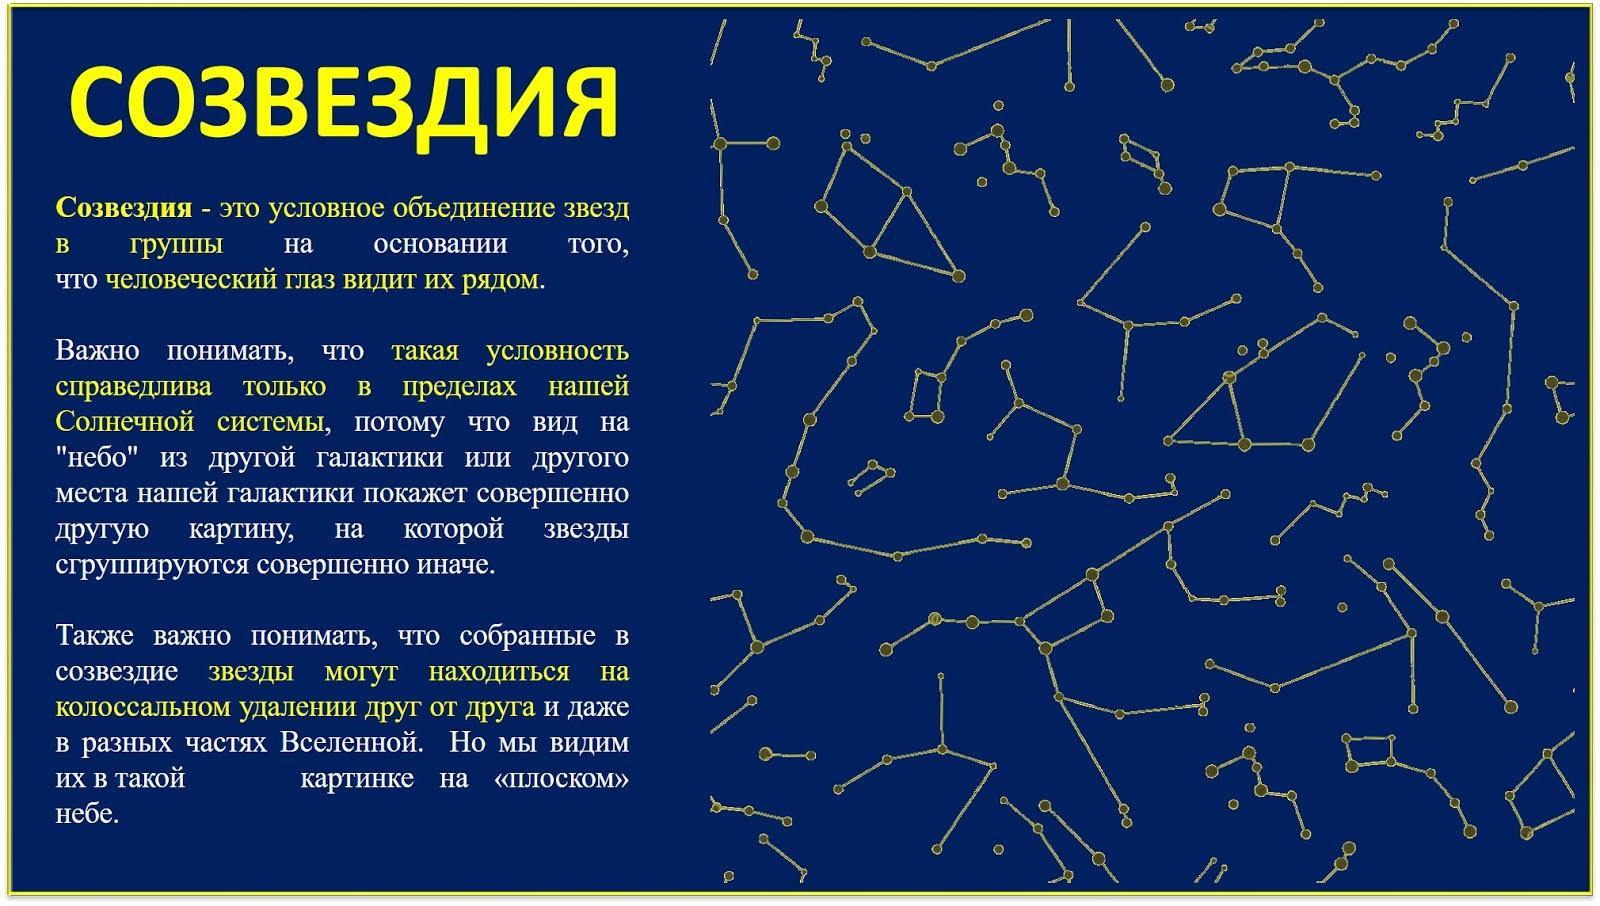 Всё о созвездиях